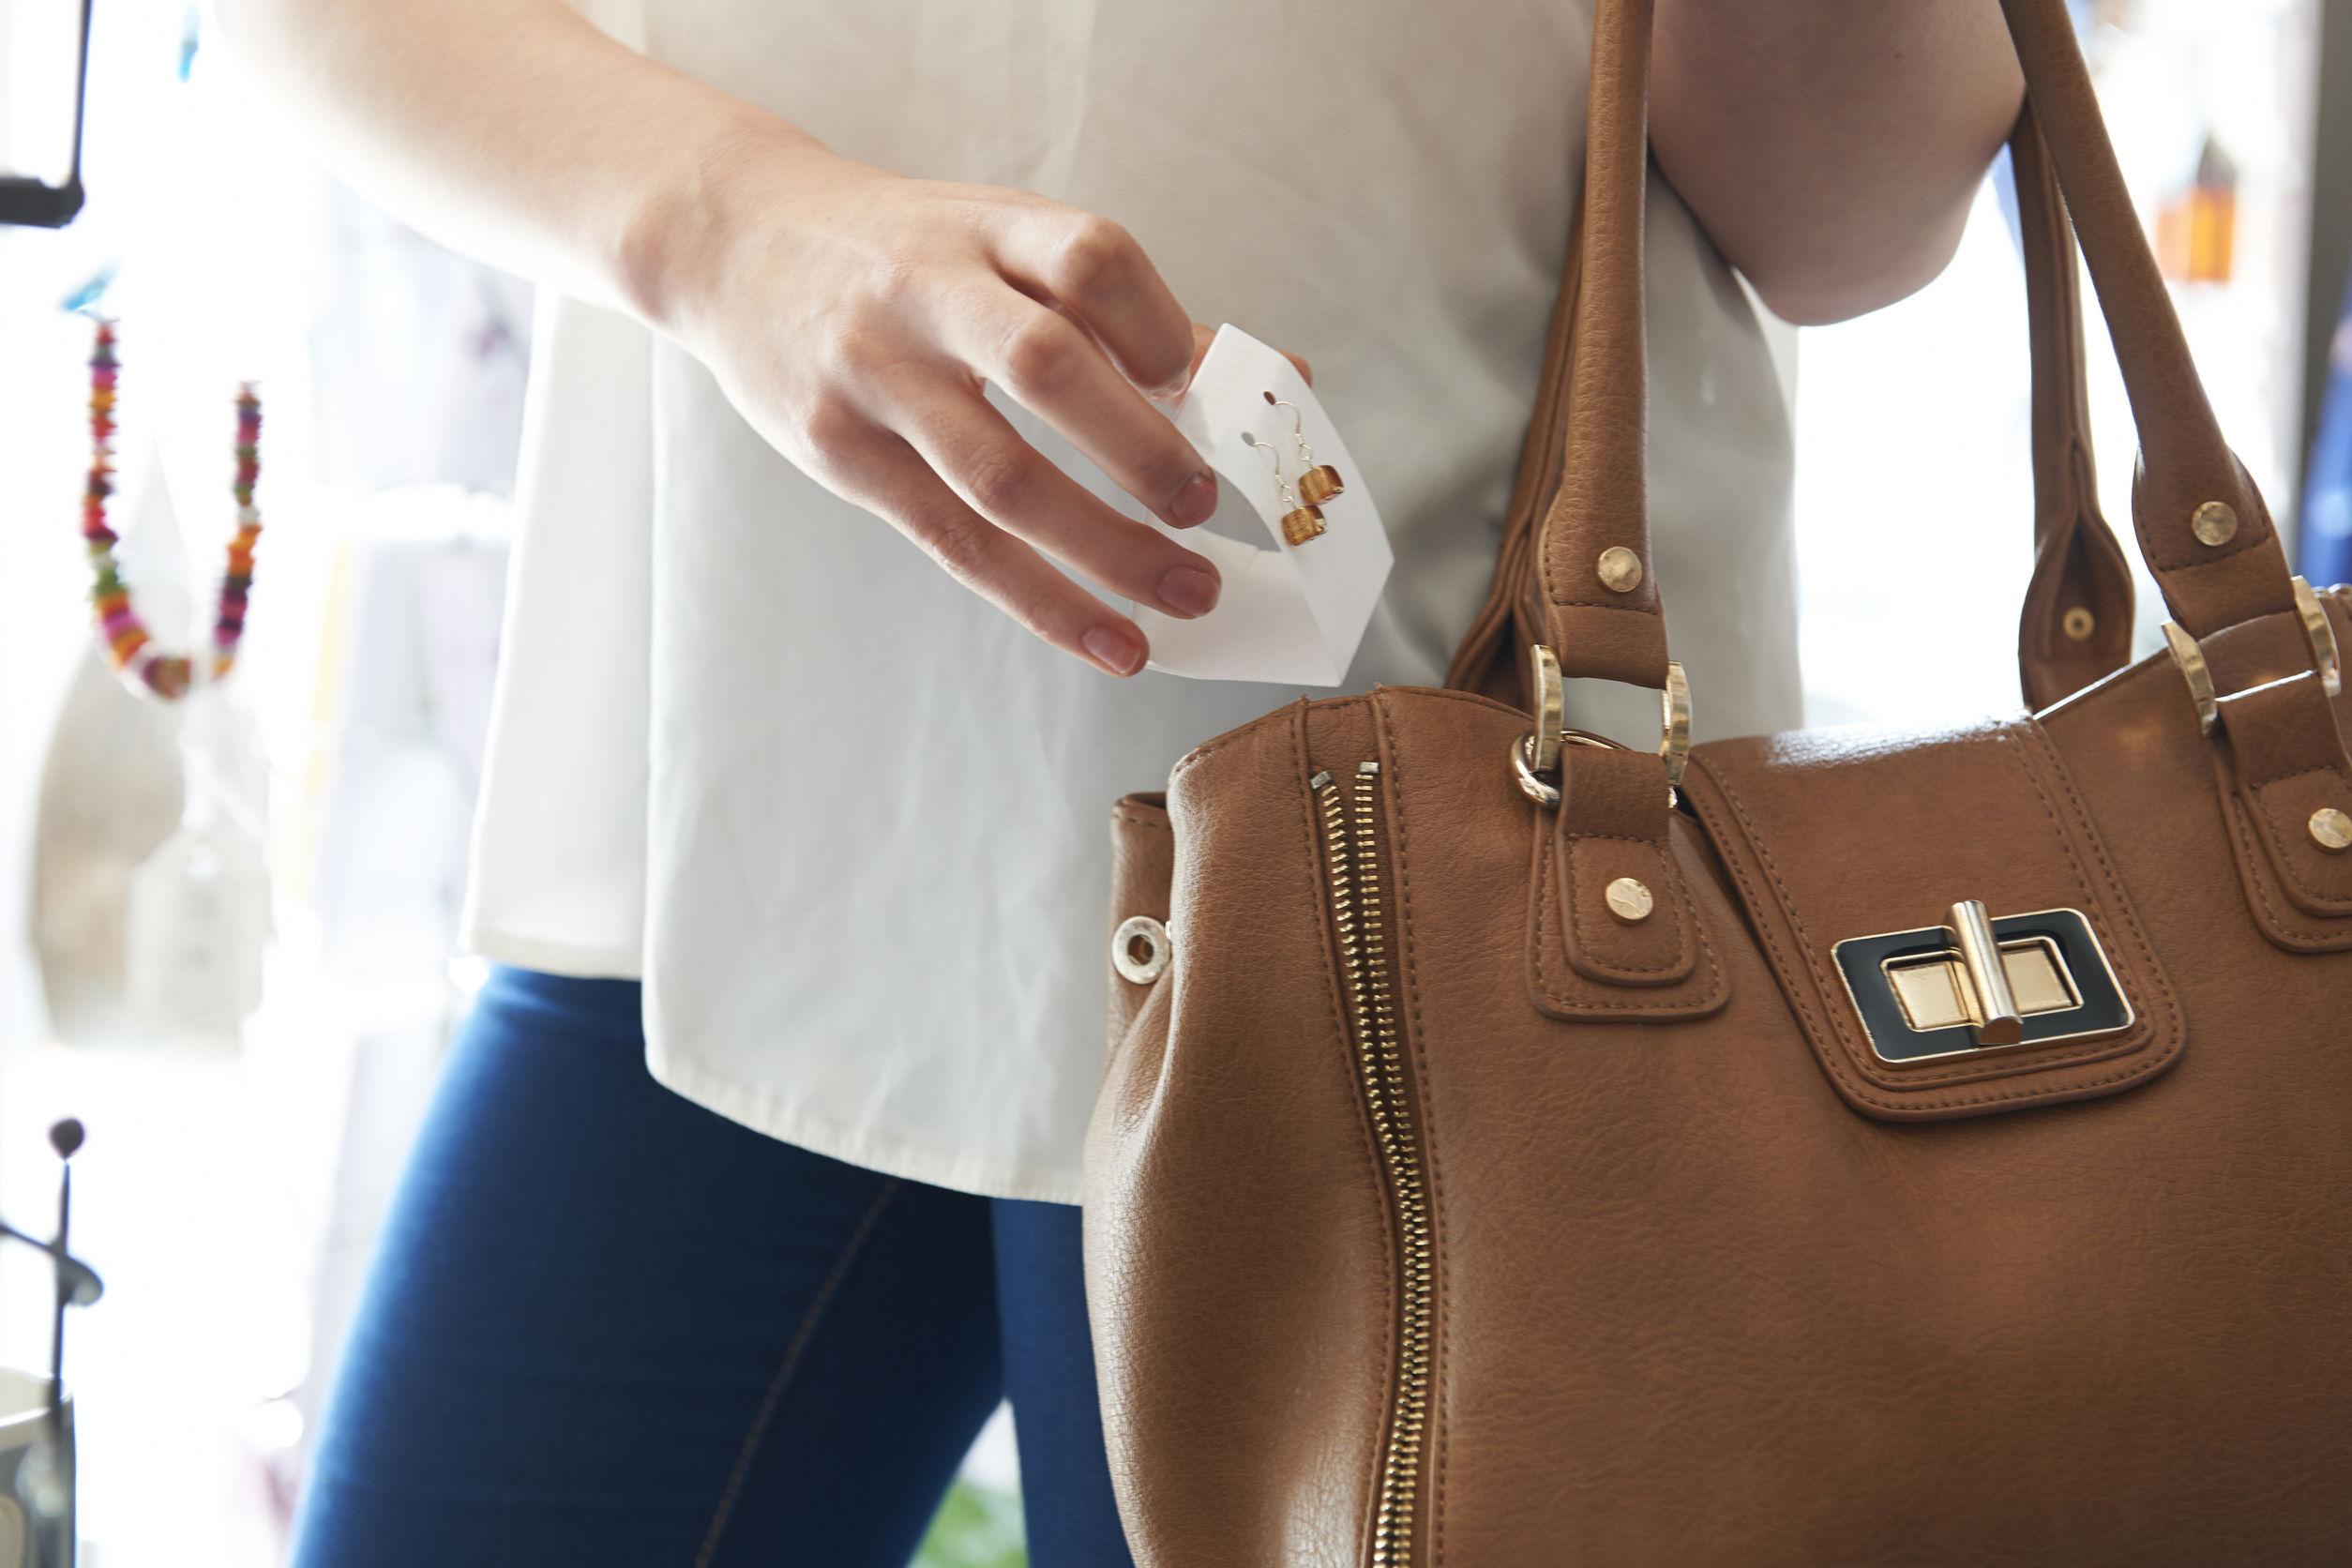 Imagem de uma bolsa Schutz.